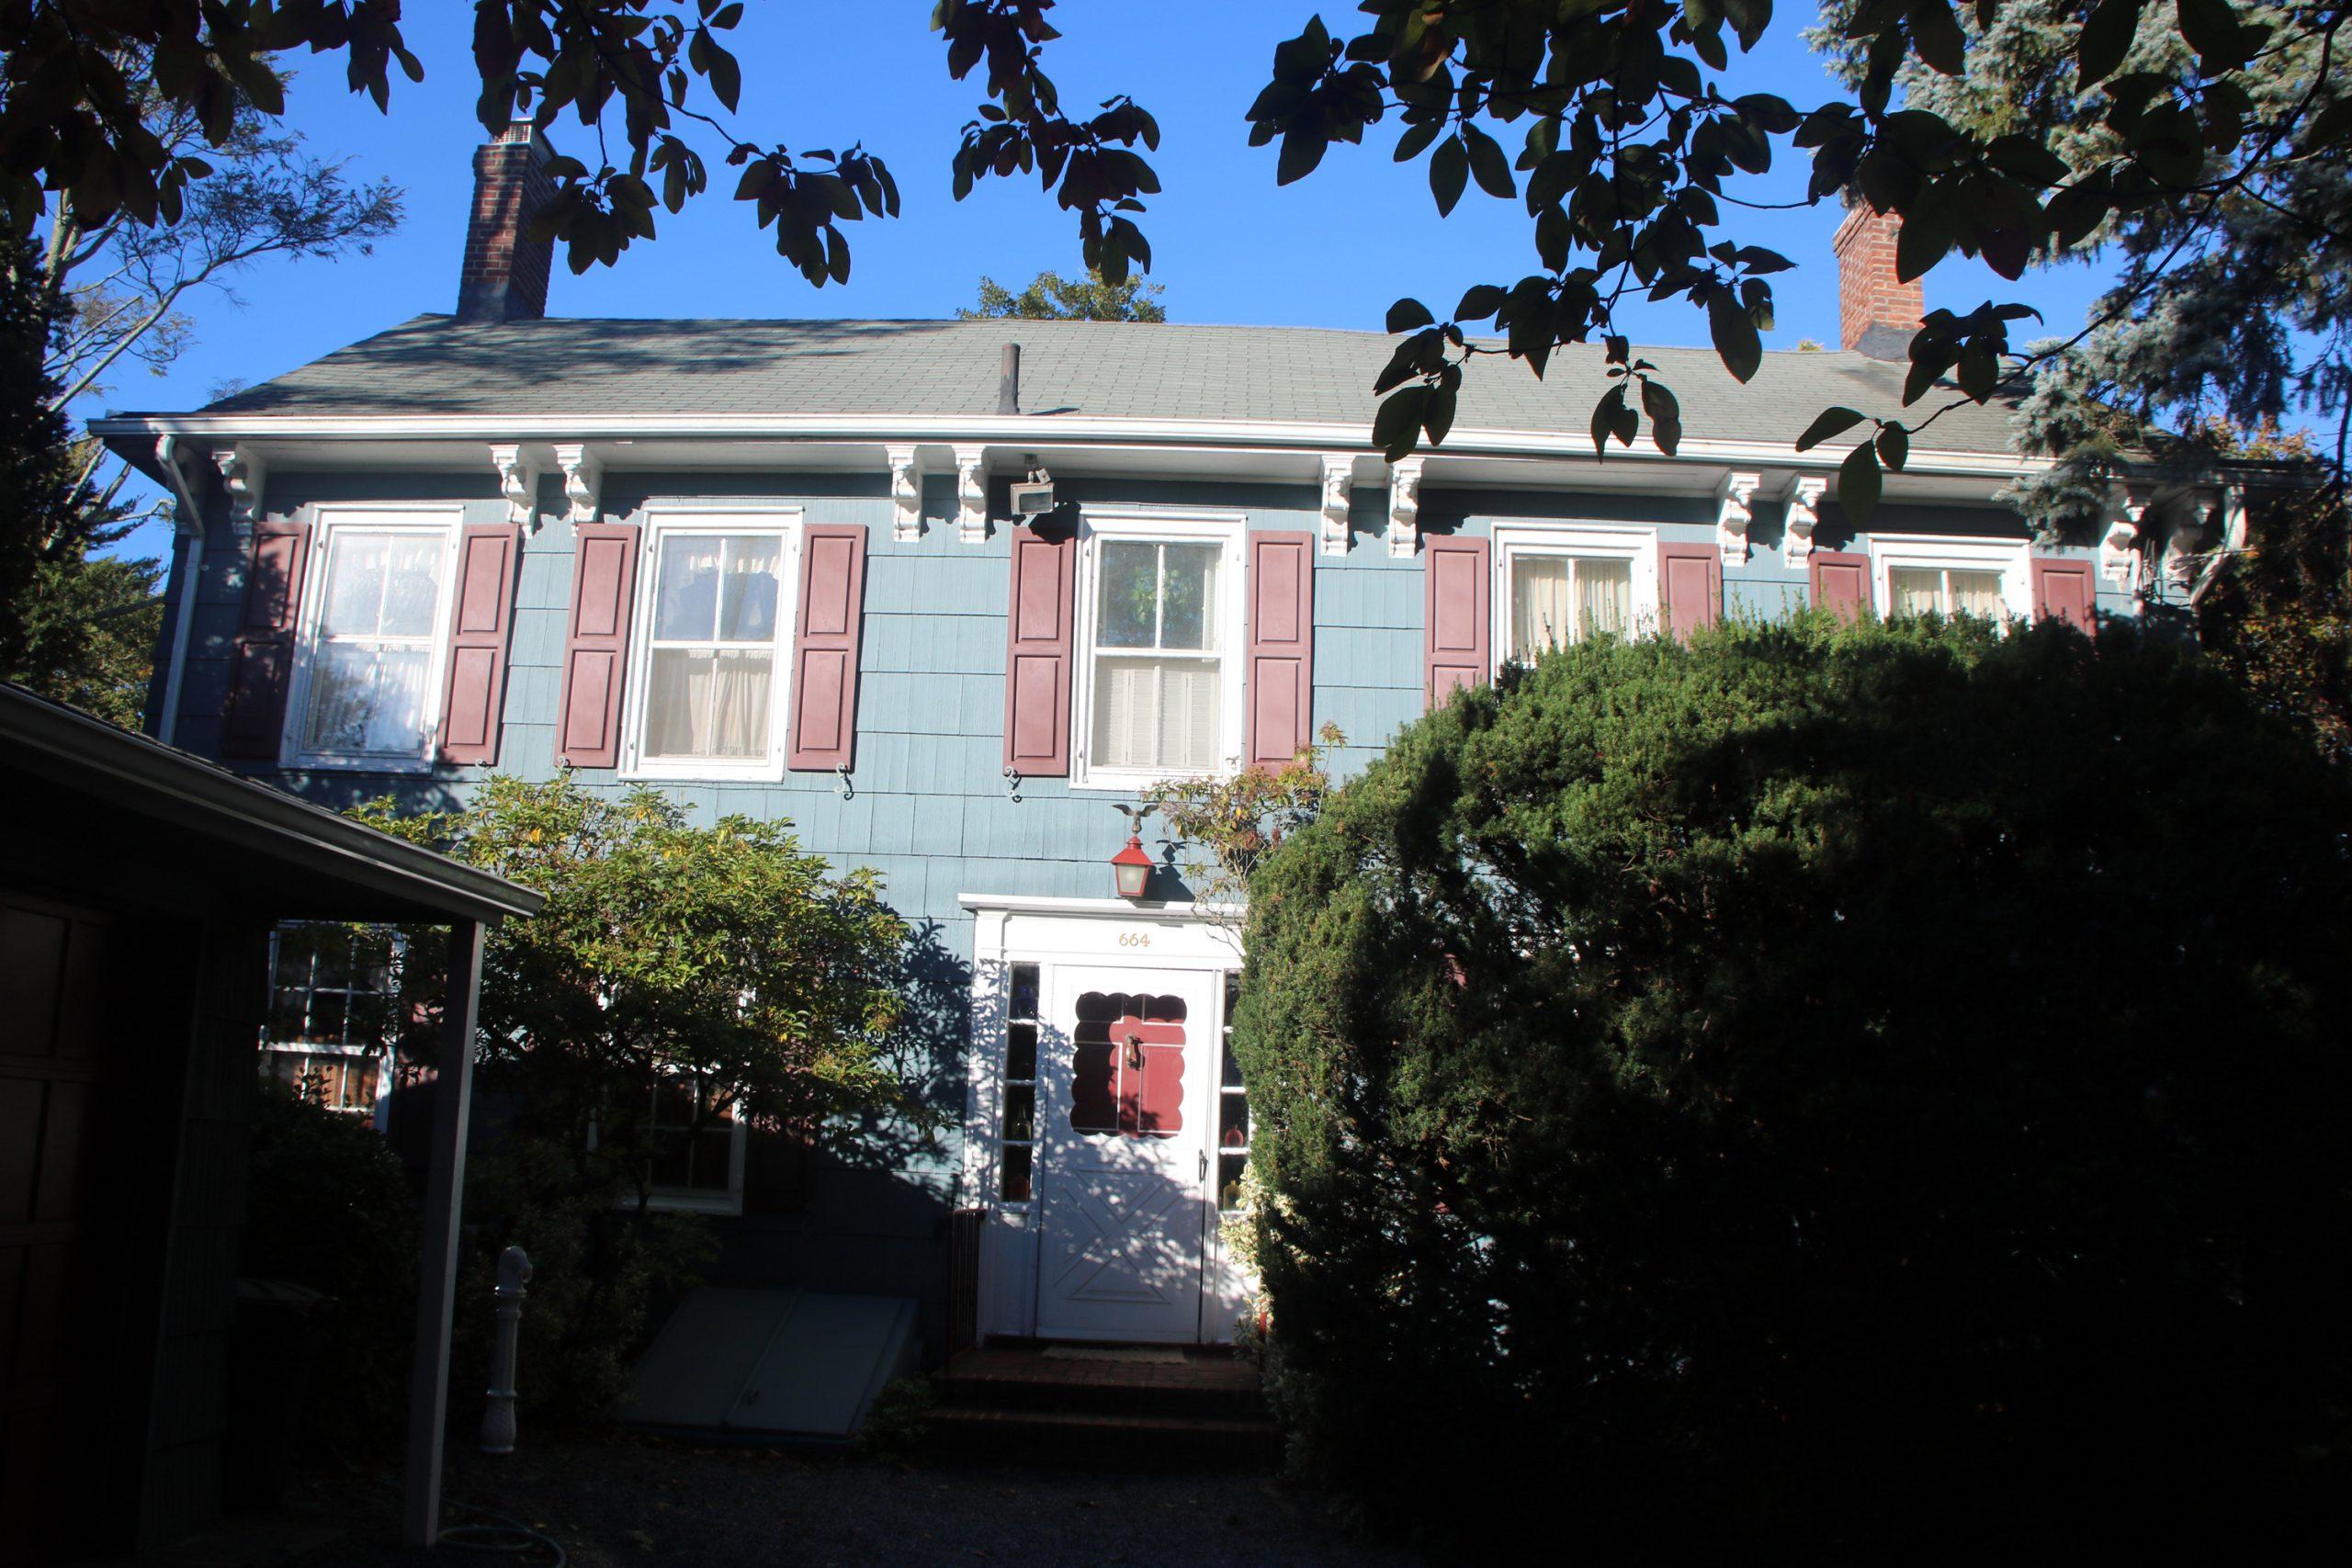 Photo: 664 Hempstead Ave